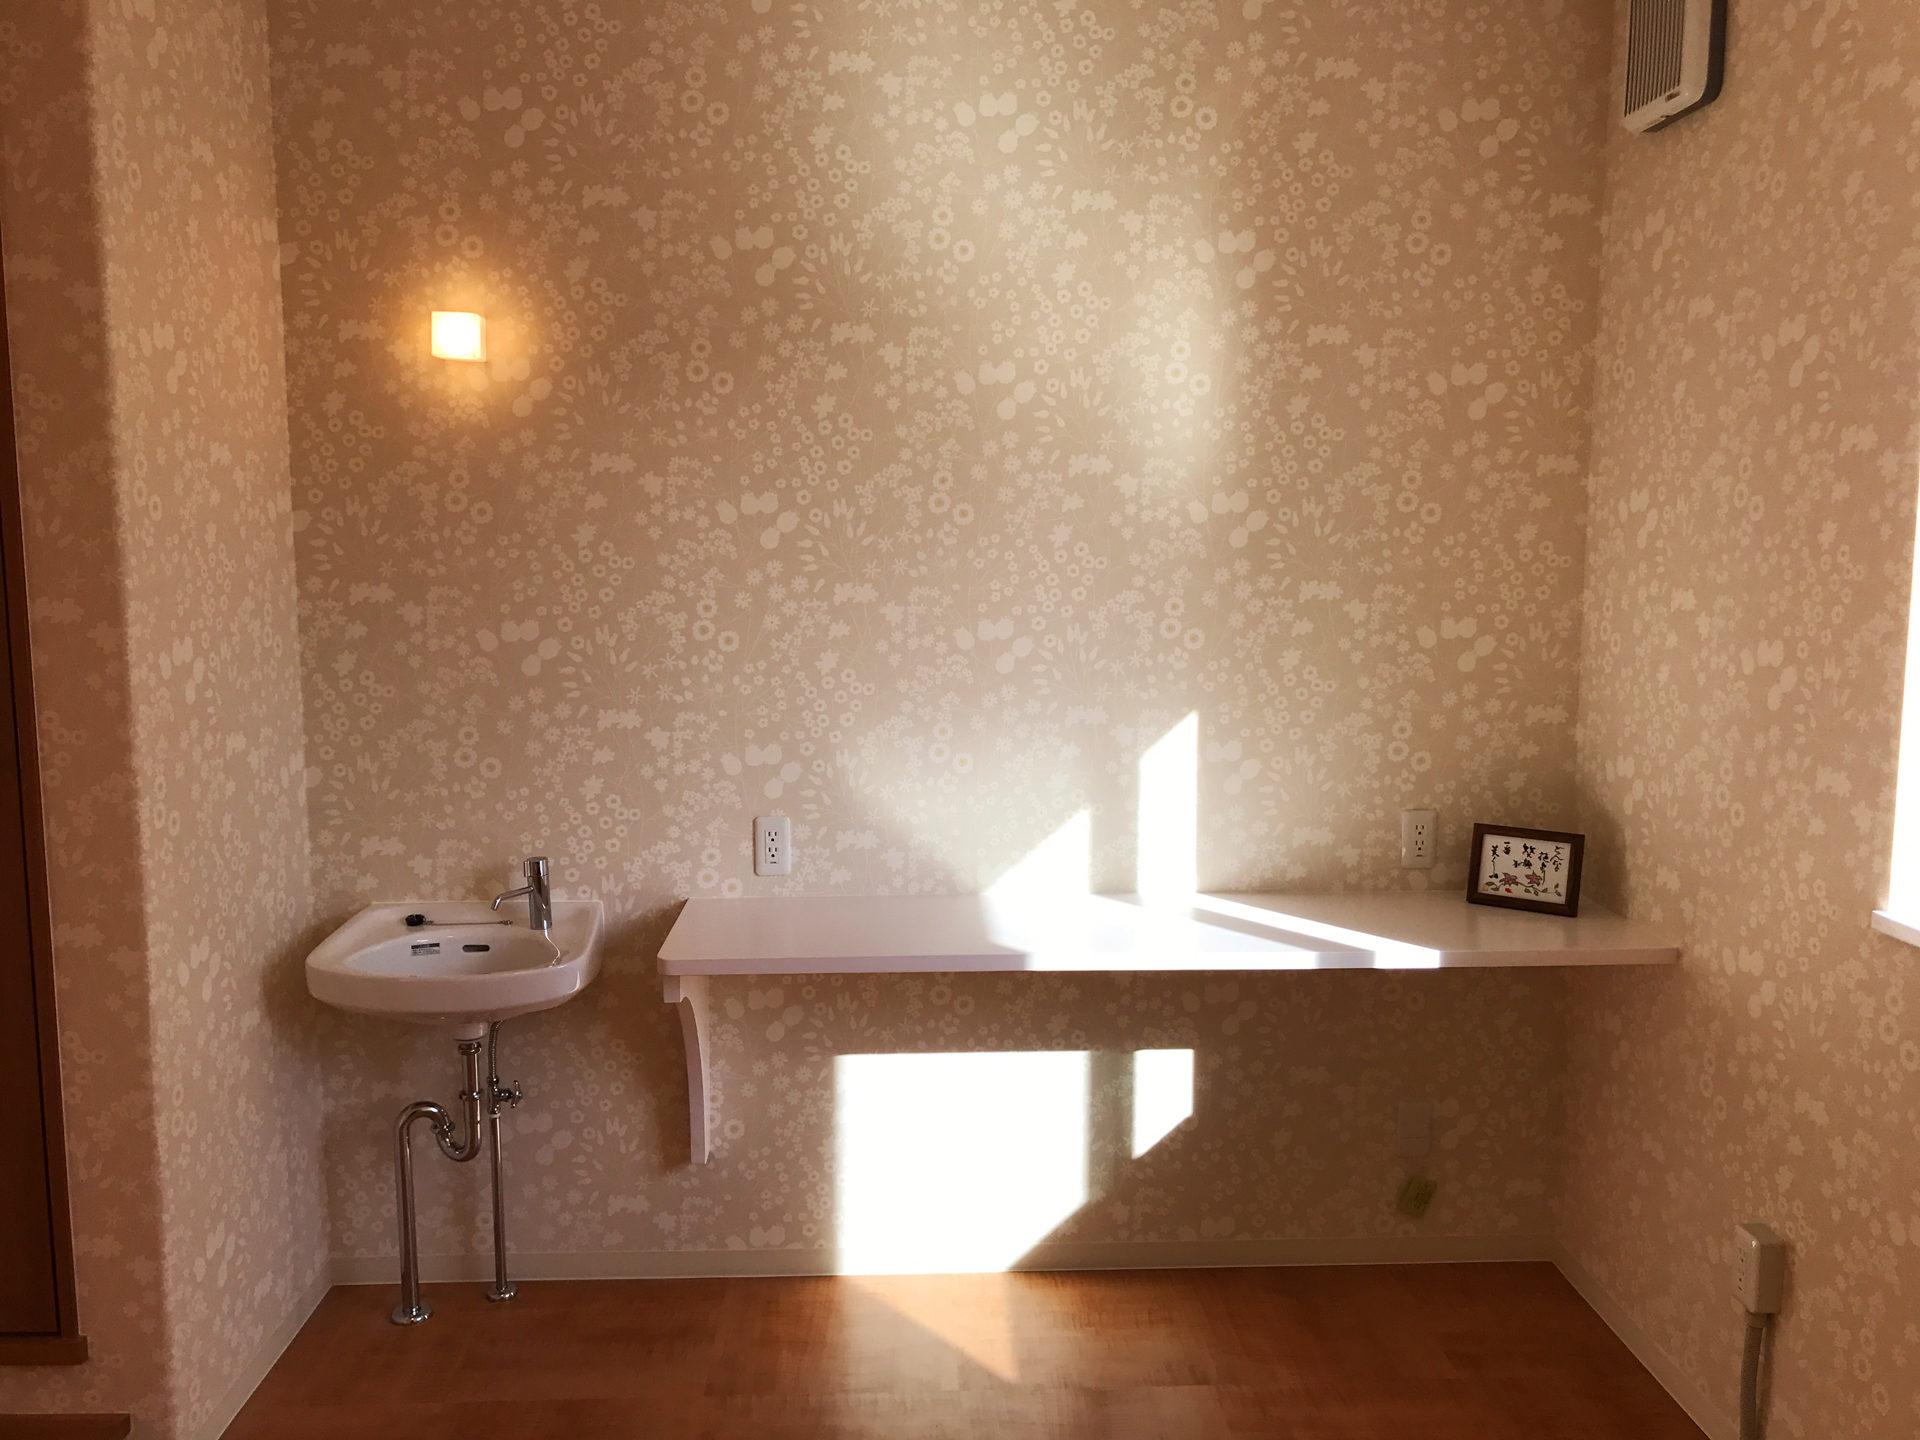 レディース治療院(はり・あん・マッサージ)付き二世帯住宅の施術用カウンター